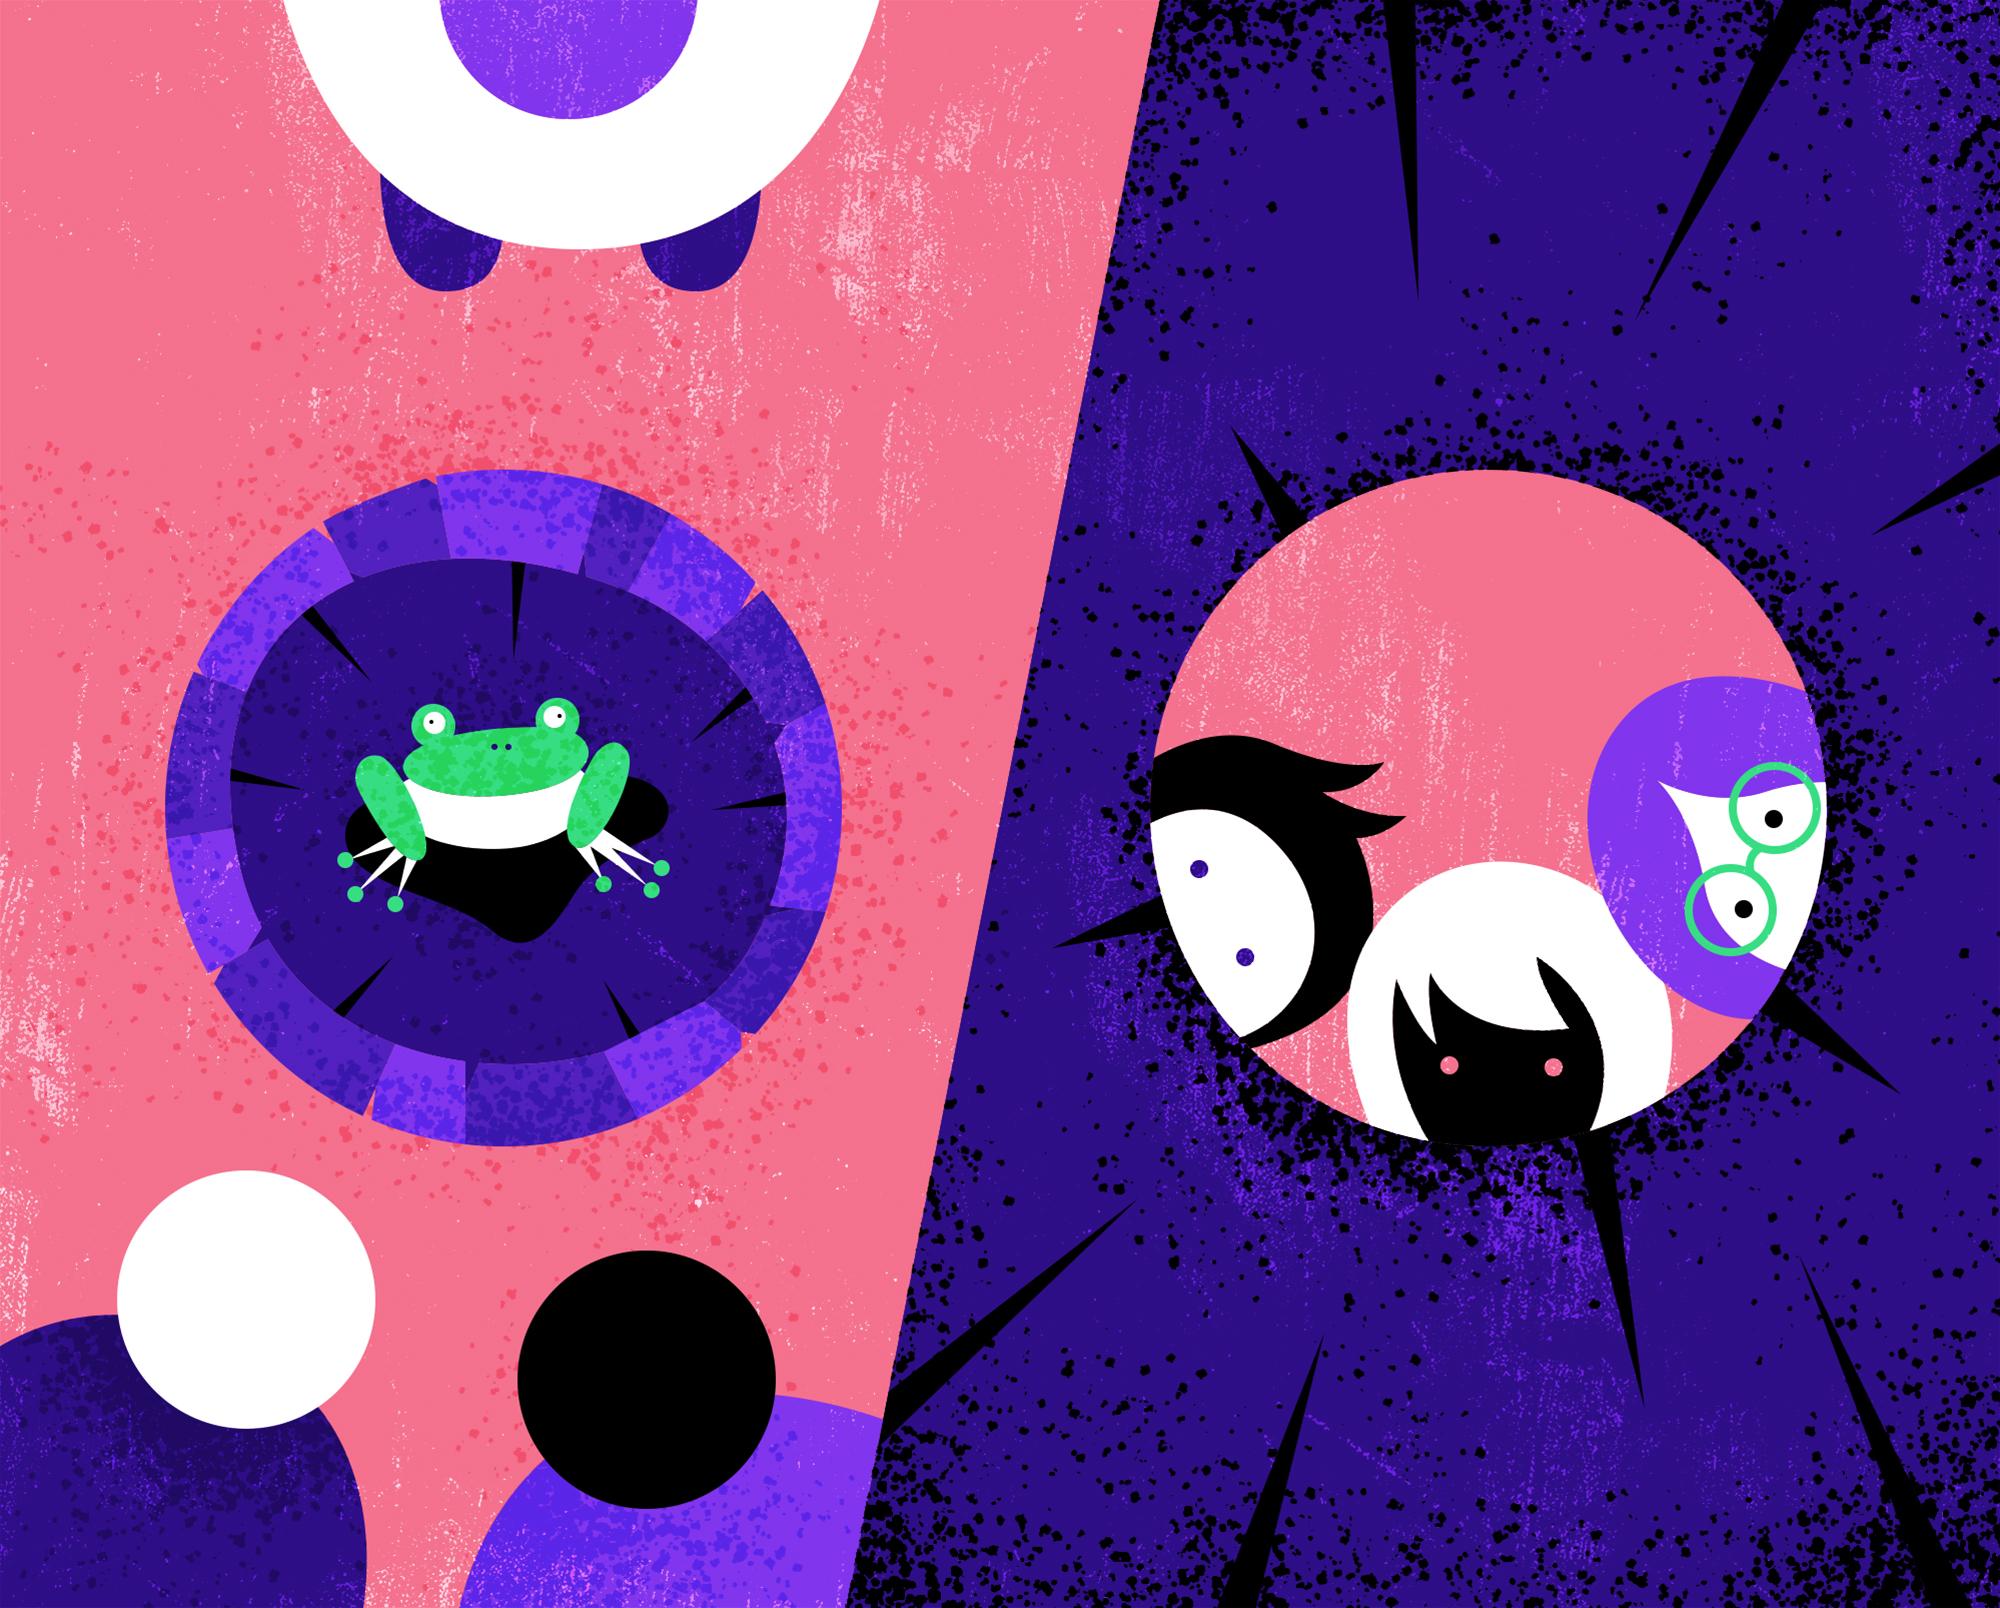 """井底之蛙 n. - """"Being a frog at the bottom of a well."""" - A person a with narrow view.e.g. Instead of being a 井底之蛙, we should broaden our horizons."""